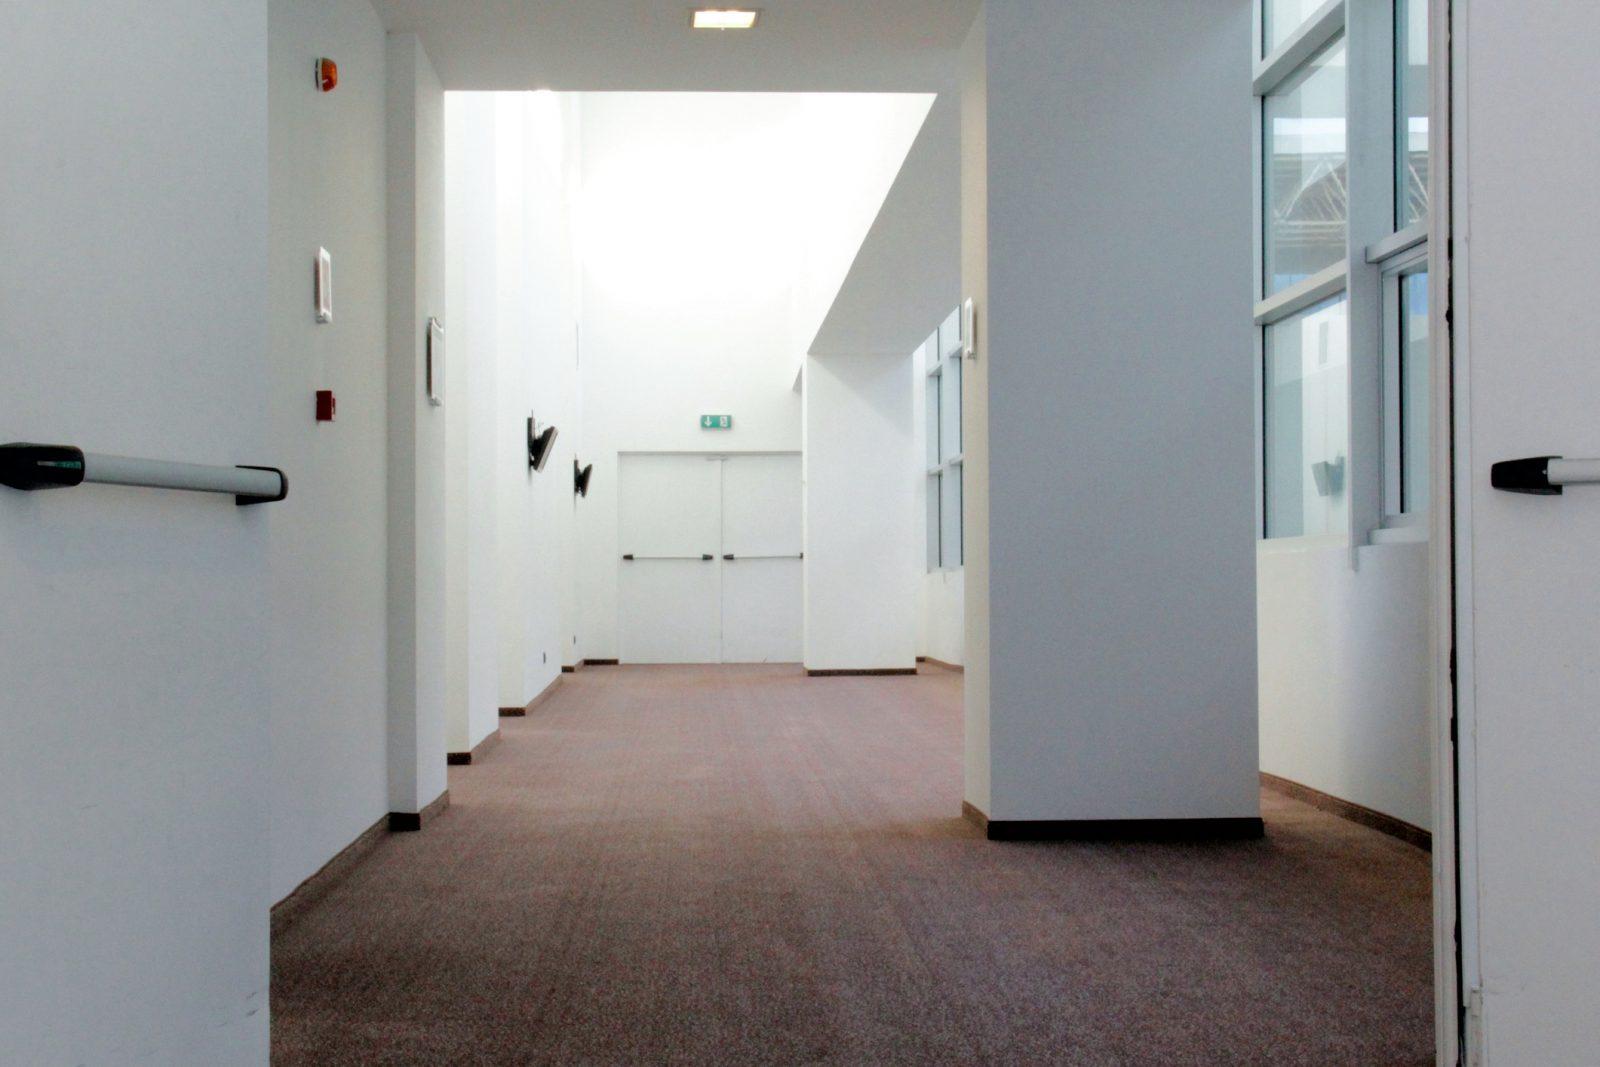 Corridor to fire safety door